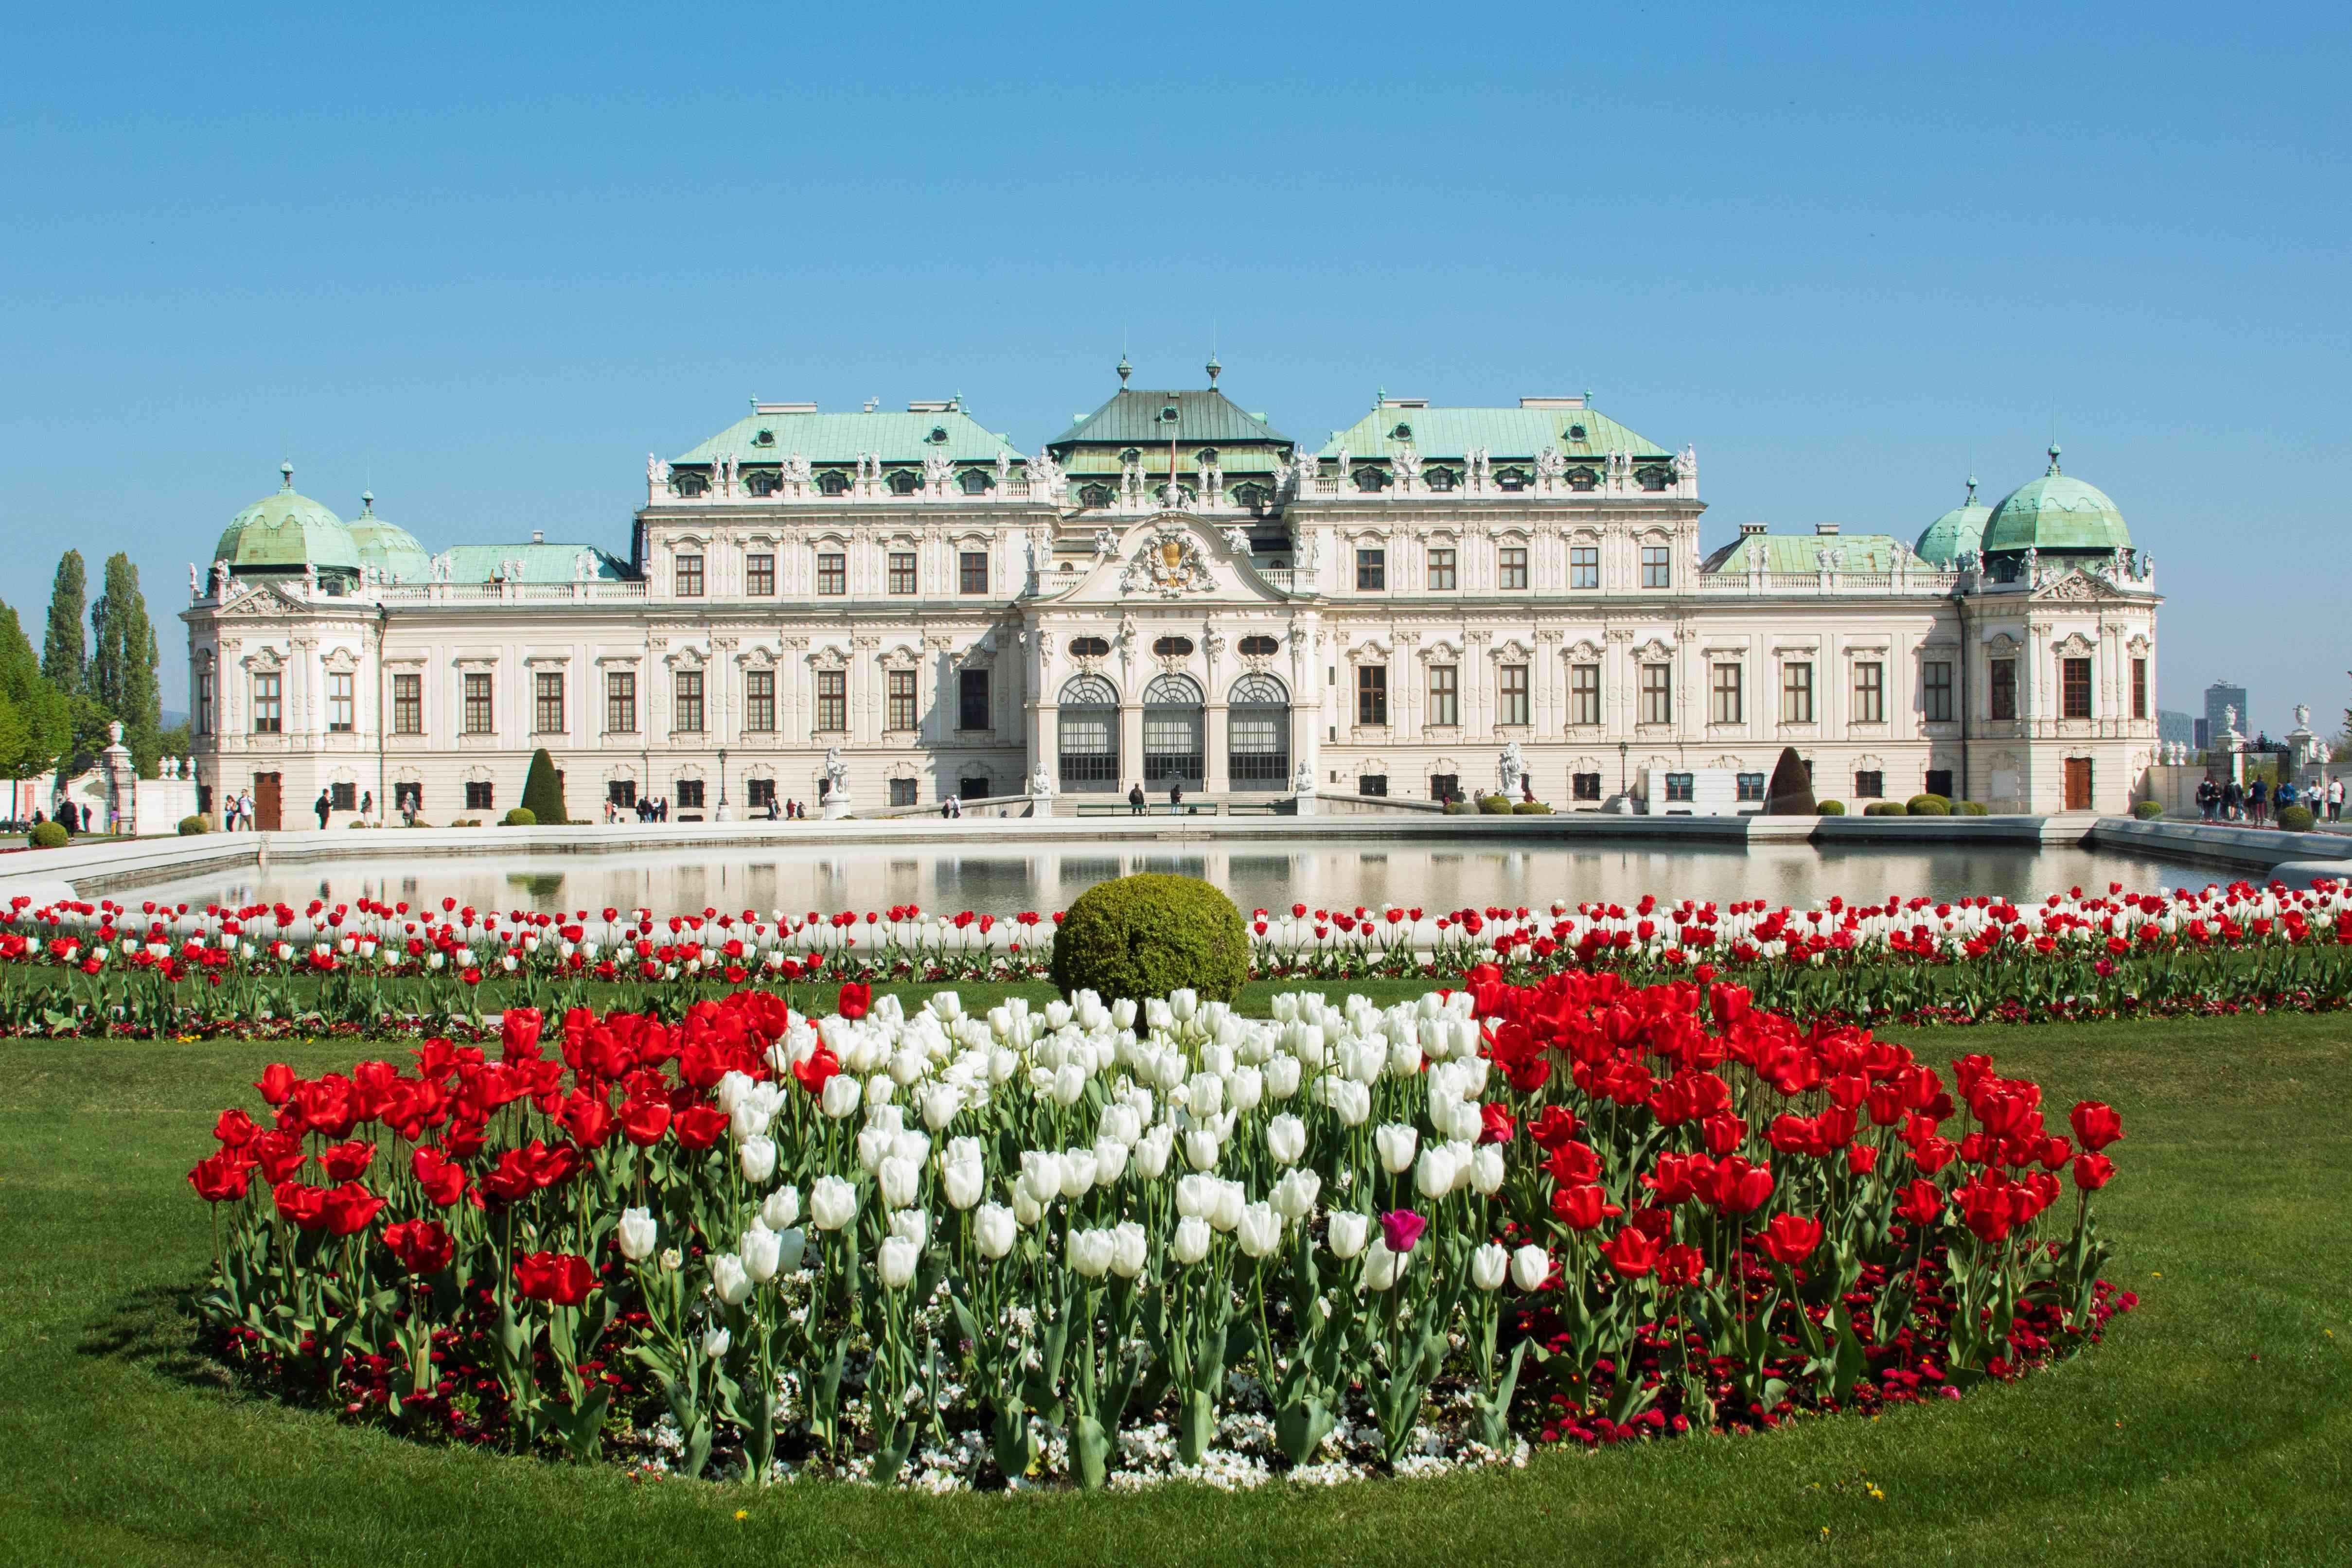 El frente del Palacio Belvedere